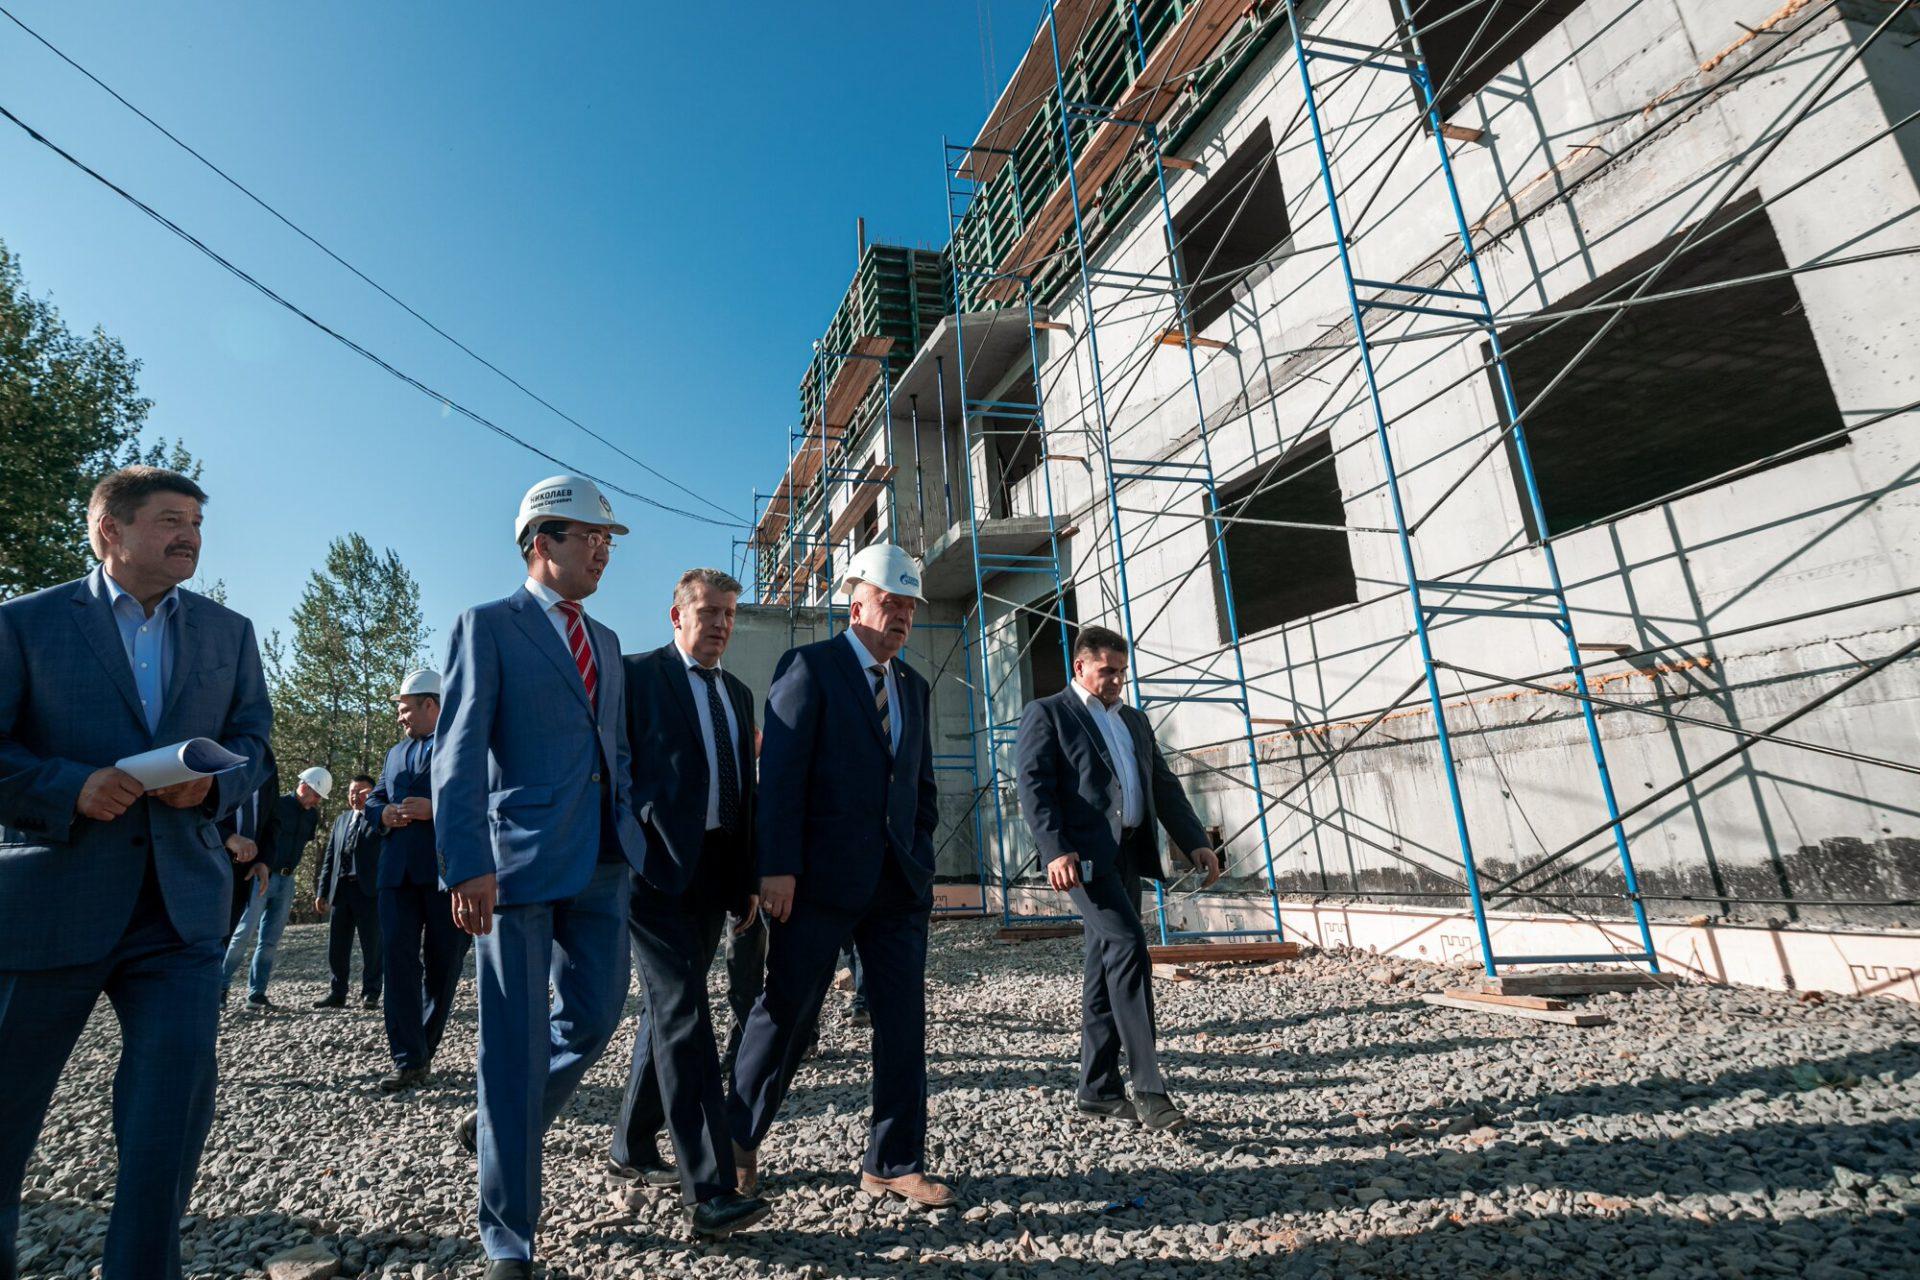 Айсен Николаев проверил реализацию программы переселения граждан из аварийного жилья в Алданском районе